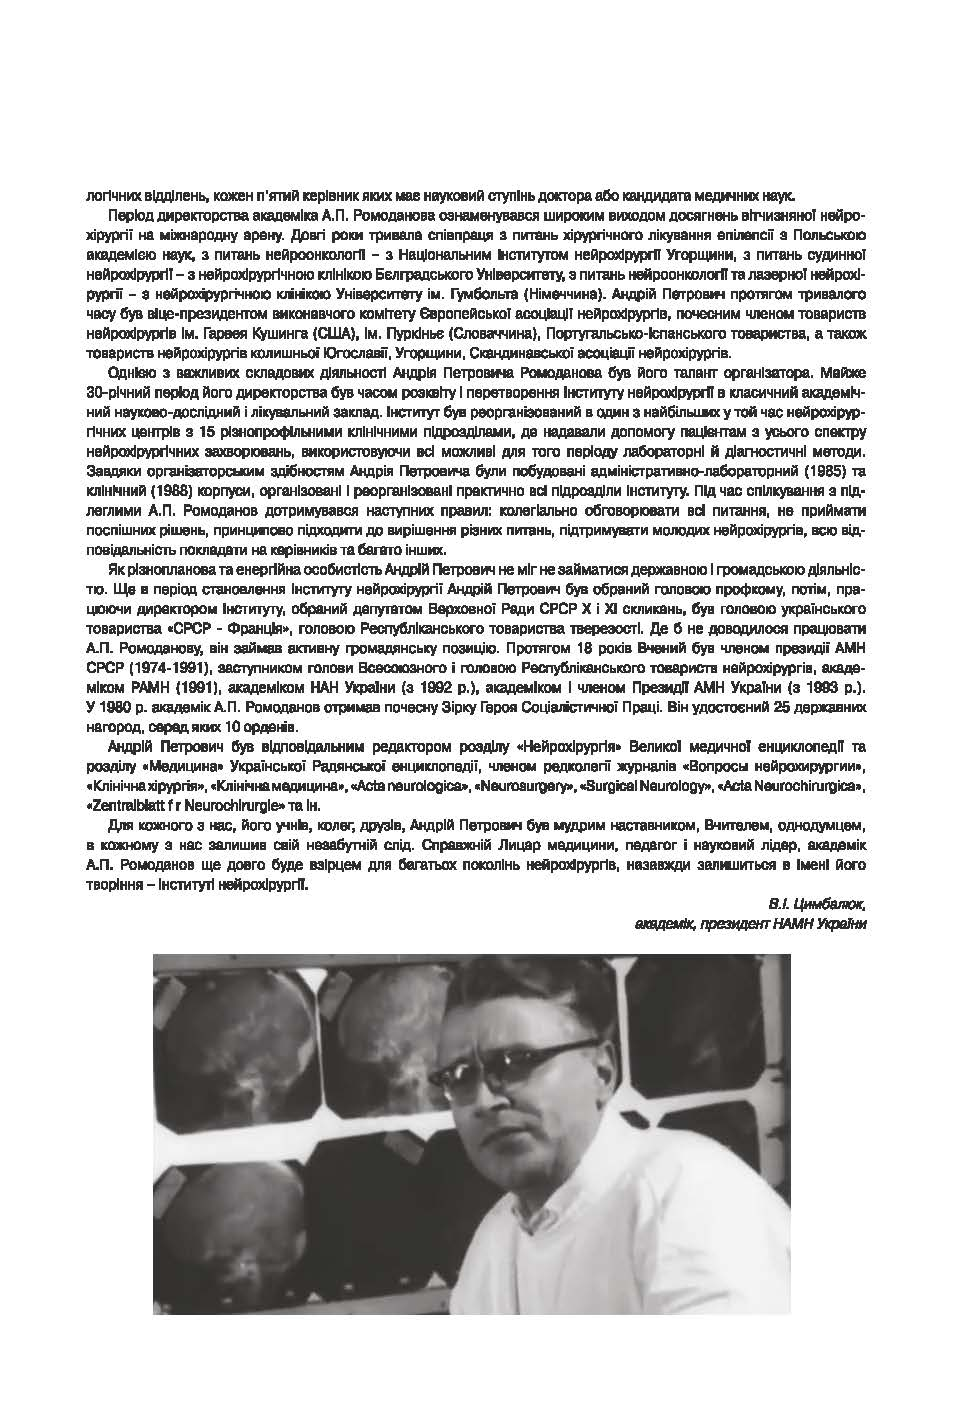 100 років з дня народження  видатного українського вченого, академіка, хірурга, основоположника української школи нейрохірургії А.П. Ромоданова